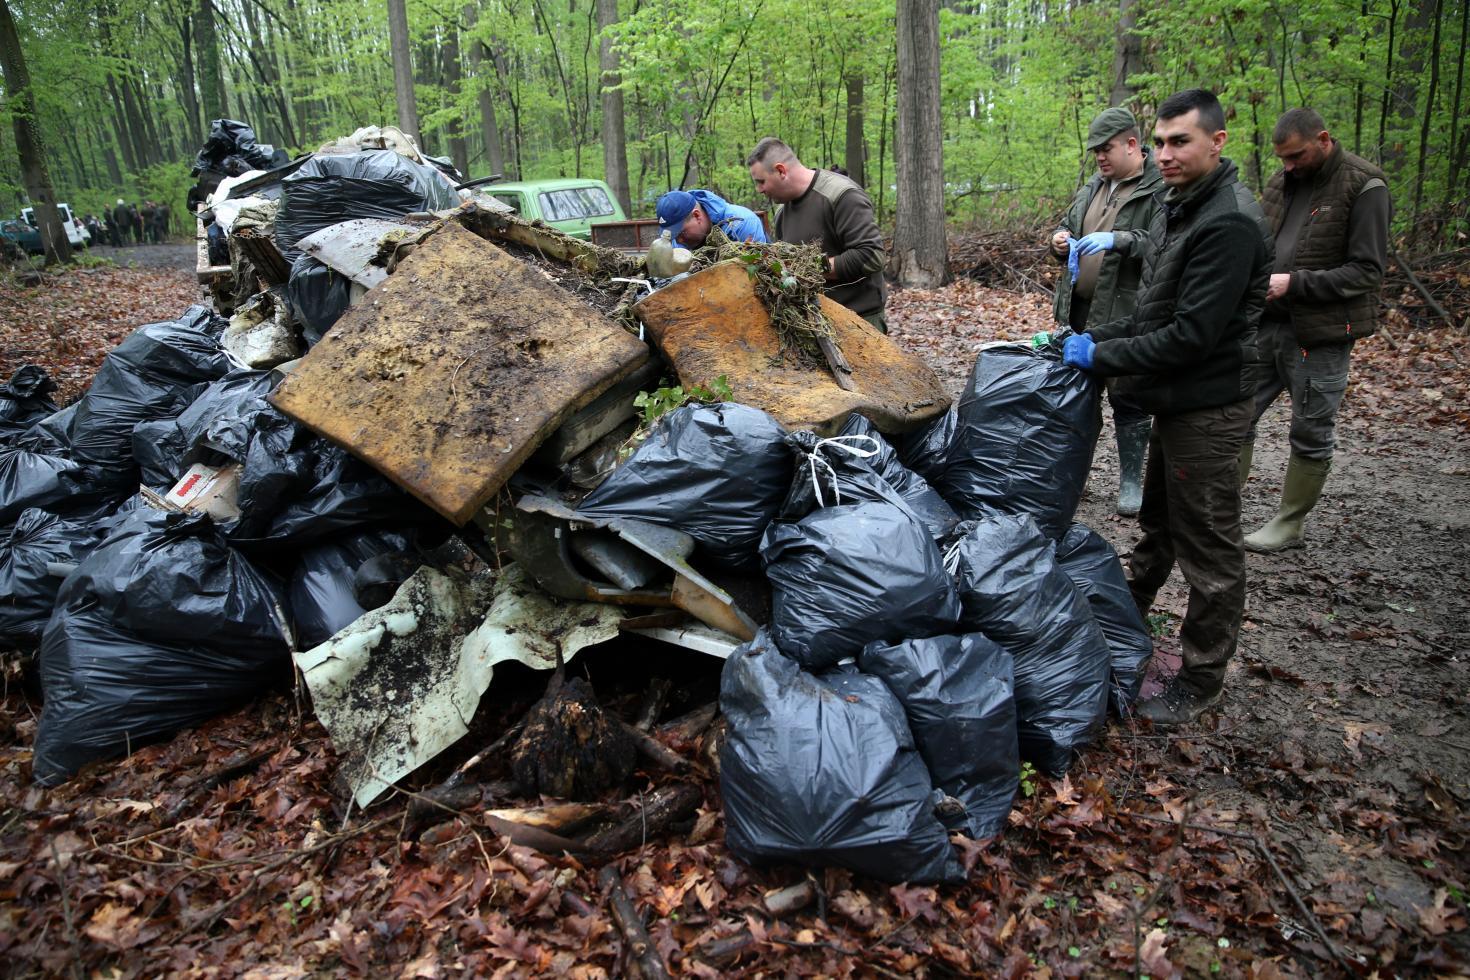 Hulladékmentesítést folytat a SEFAG Zrt. a somogyi erdőkben